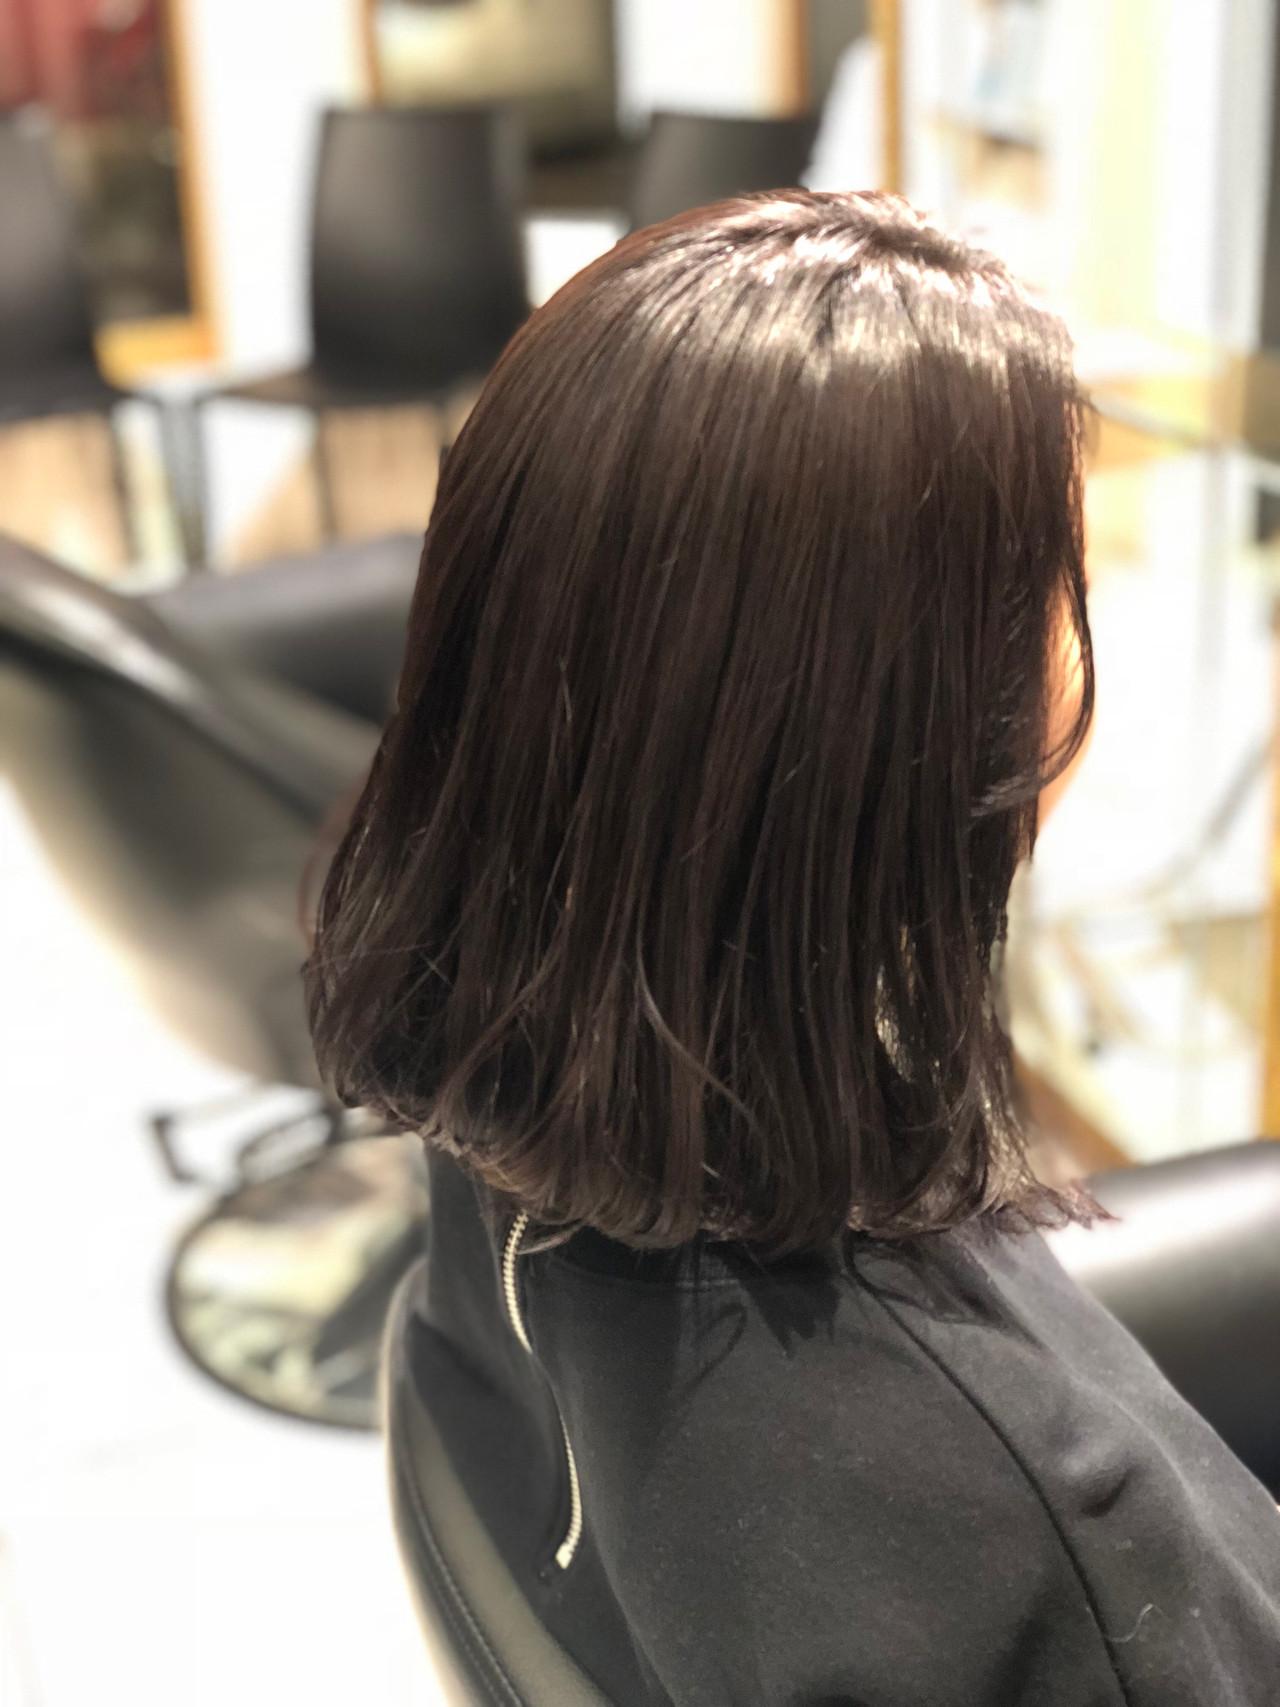 ミディアム グレージュ ロブ ワンレングス ヘアスタイルや髪型の写真・画像 | 永井大樹 / FENICE on the beach